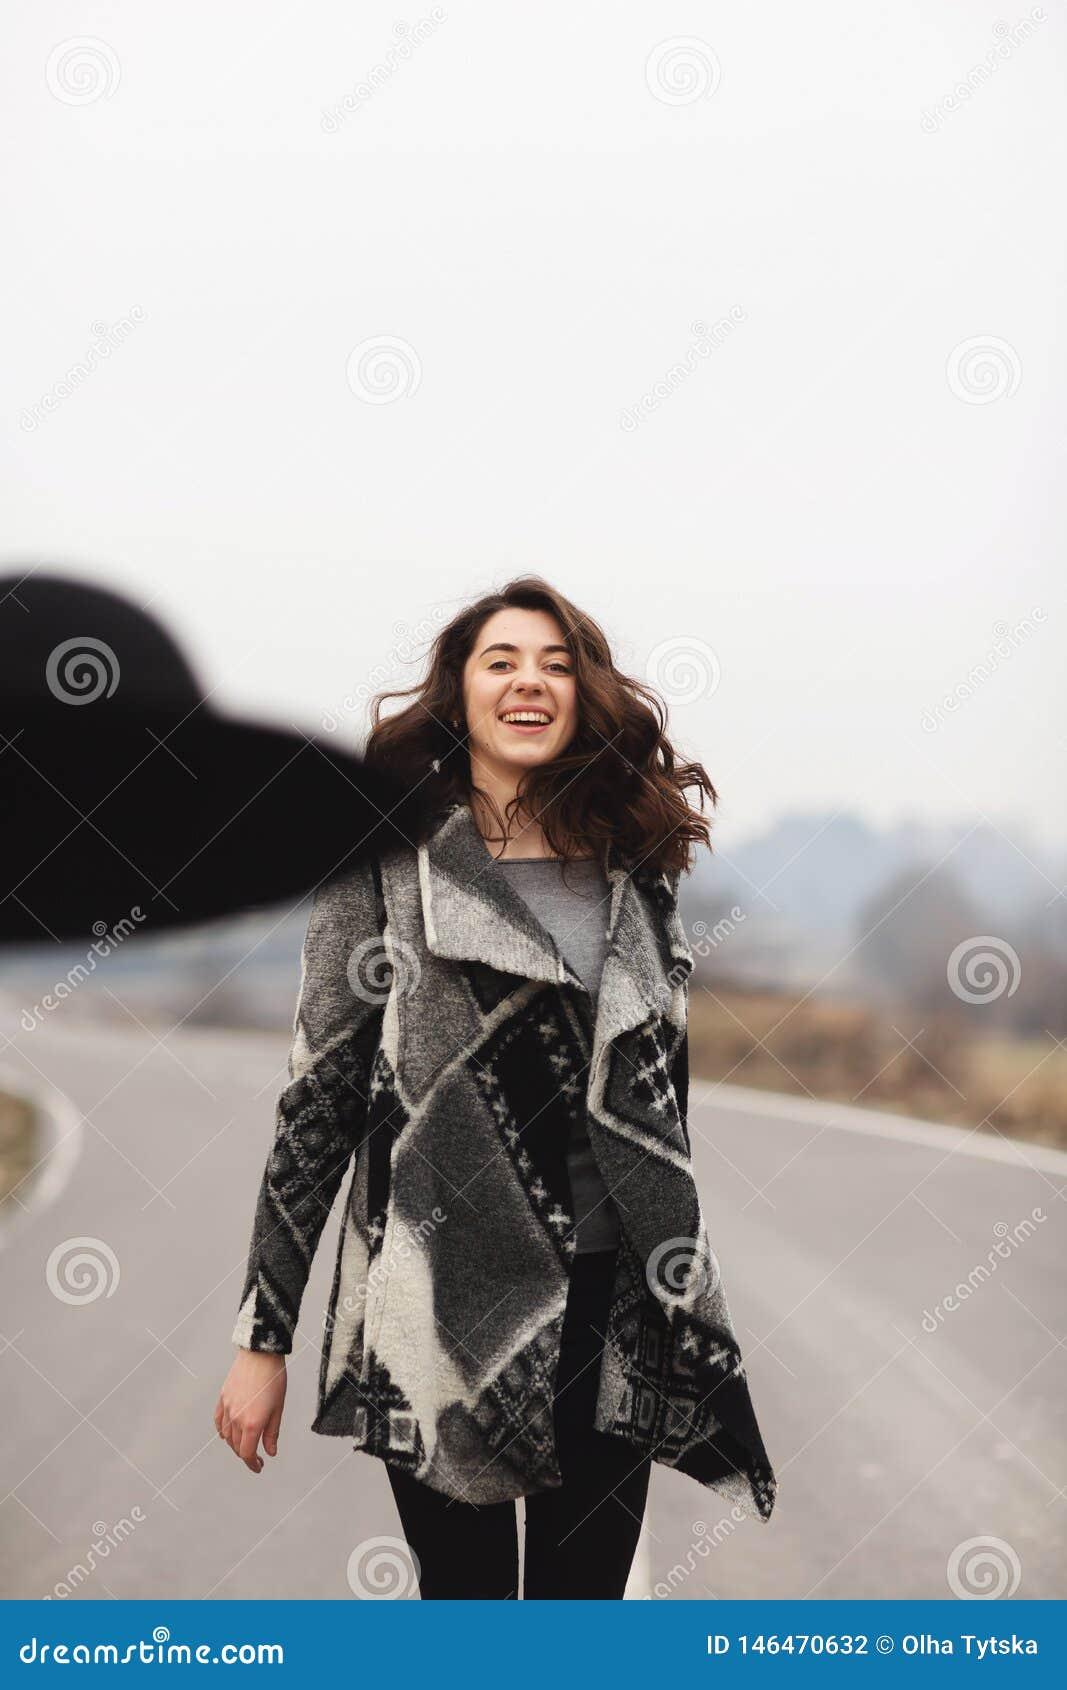 Ευτυχής γυναίκα στους γύρους όμορφων γκρίζων ζακετών και μαύρων καπέλων κατά μήκος του τρόπου